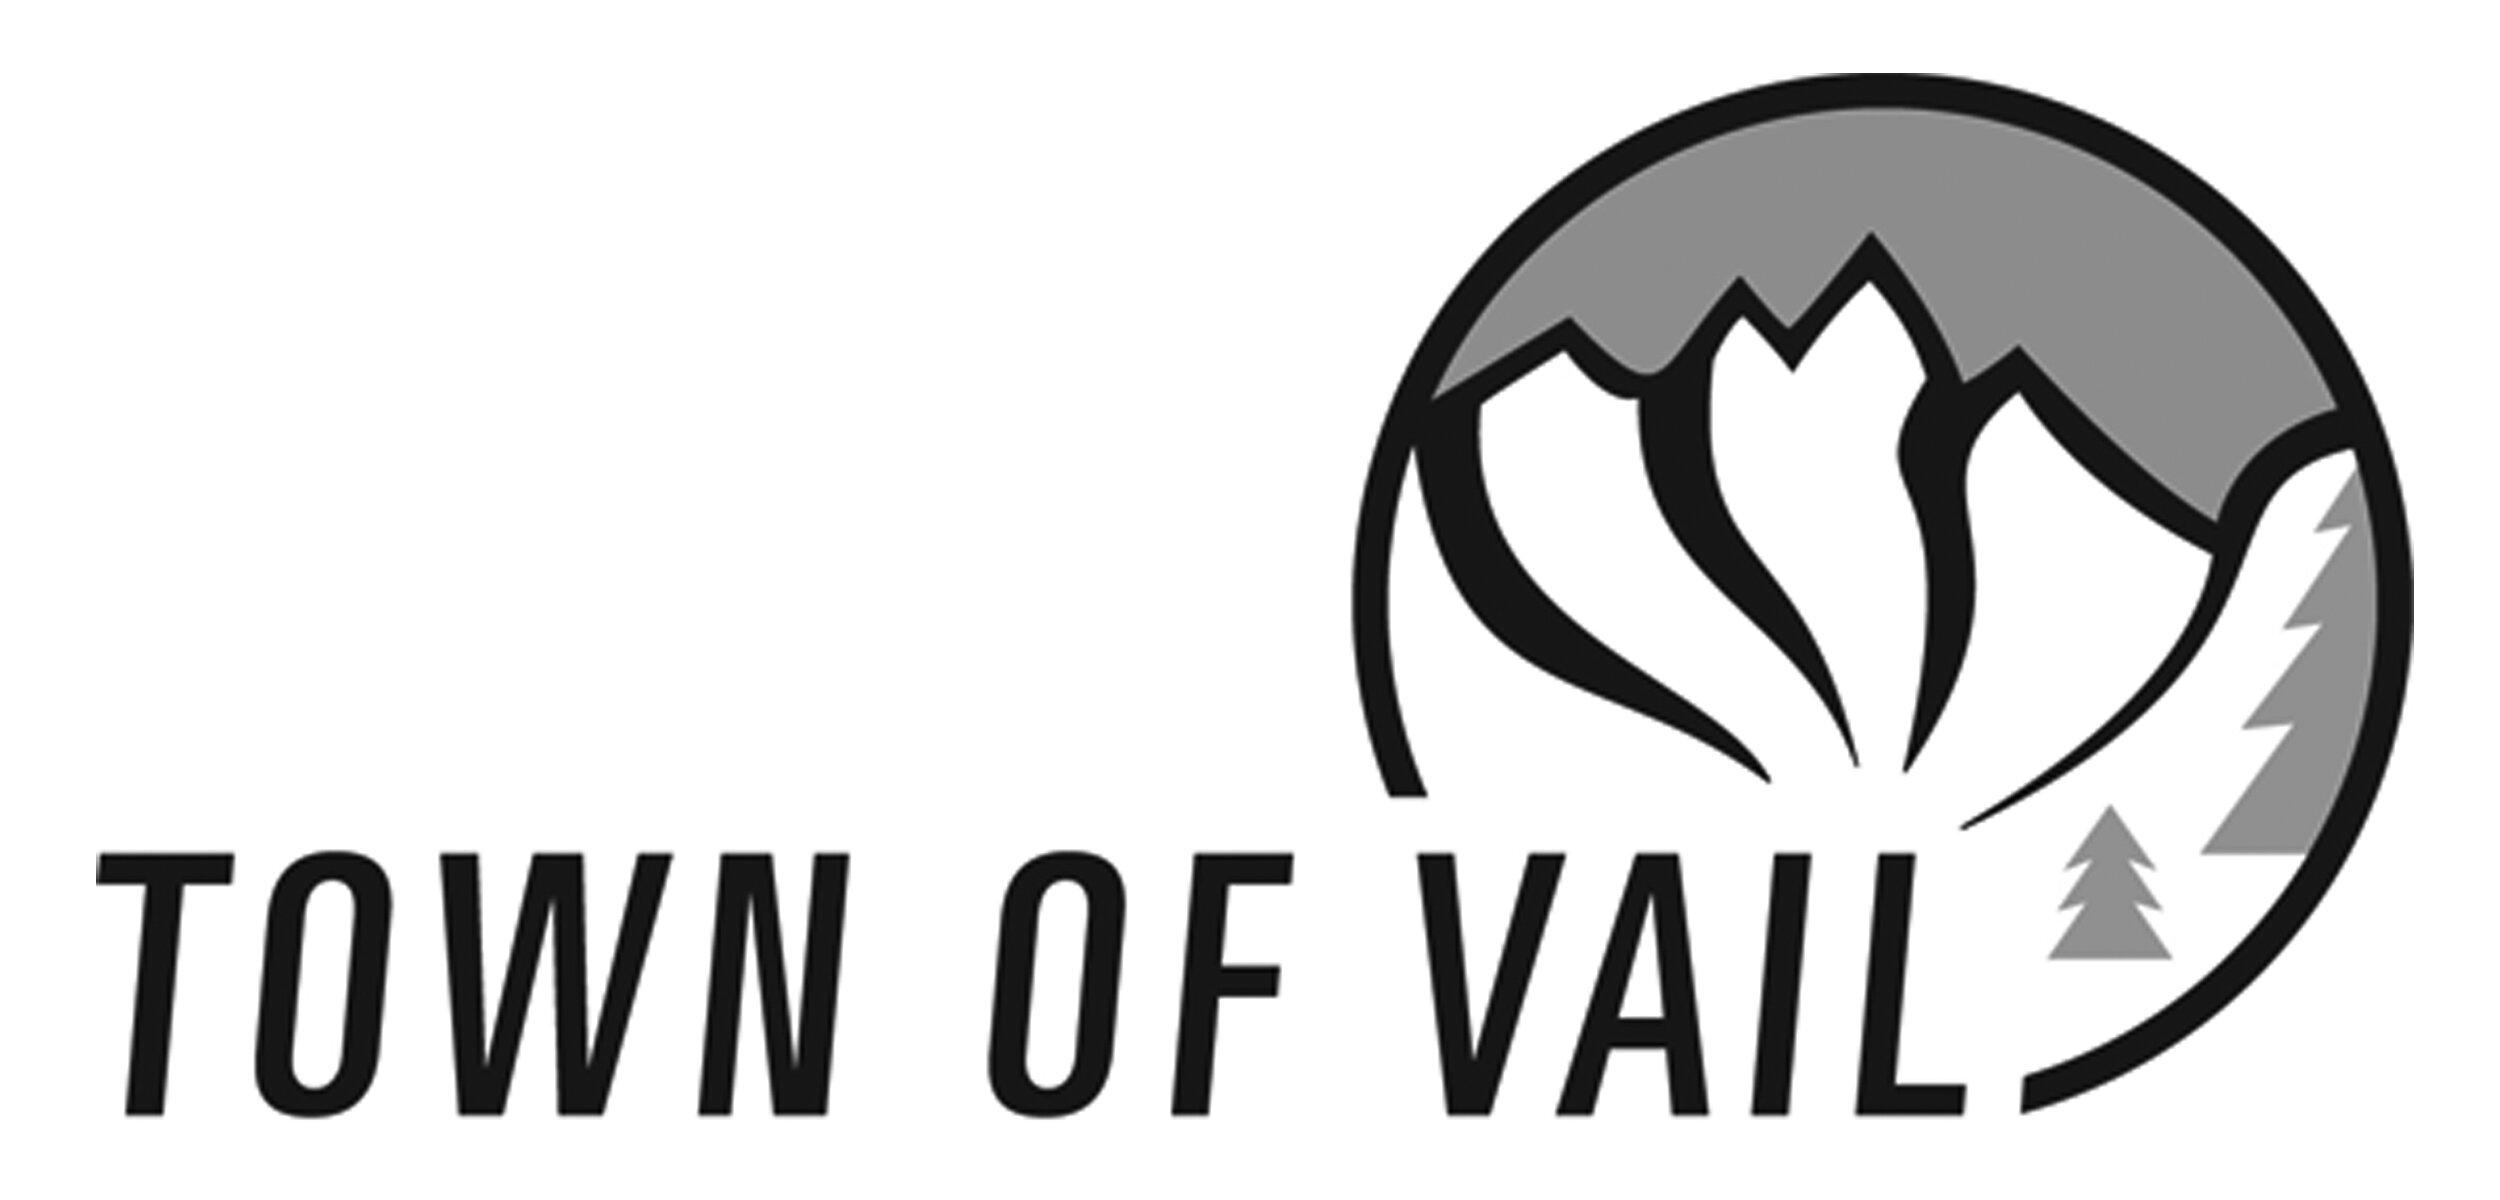 Town Of Vail_ShennaJean 2.jpg